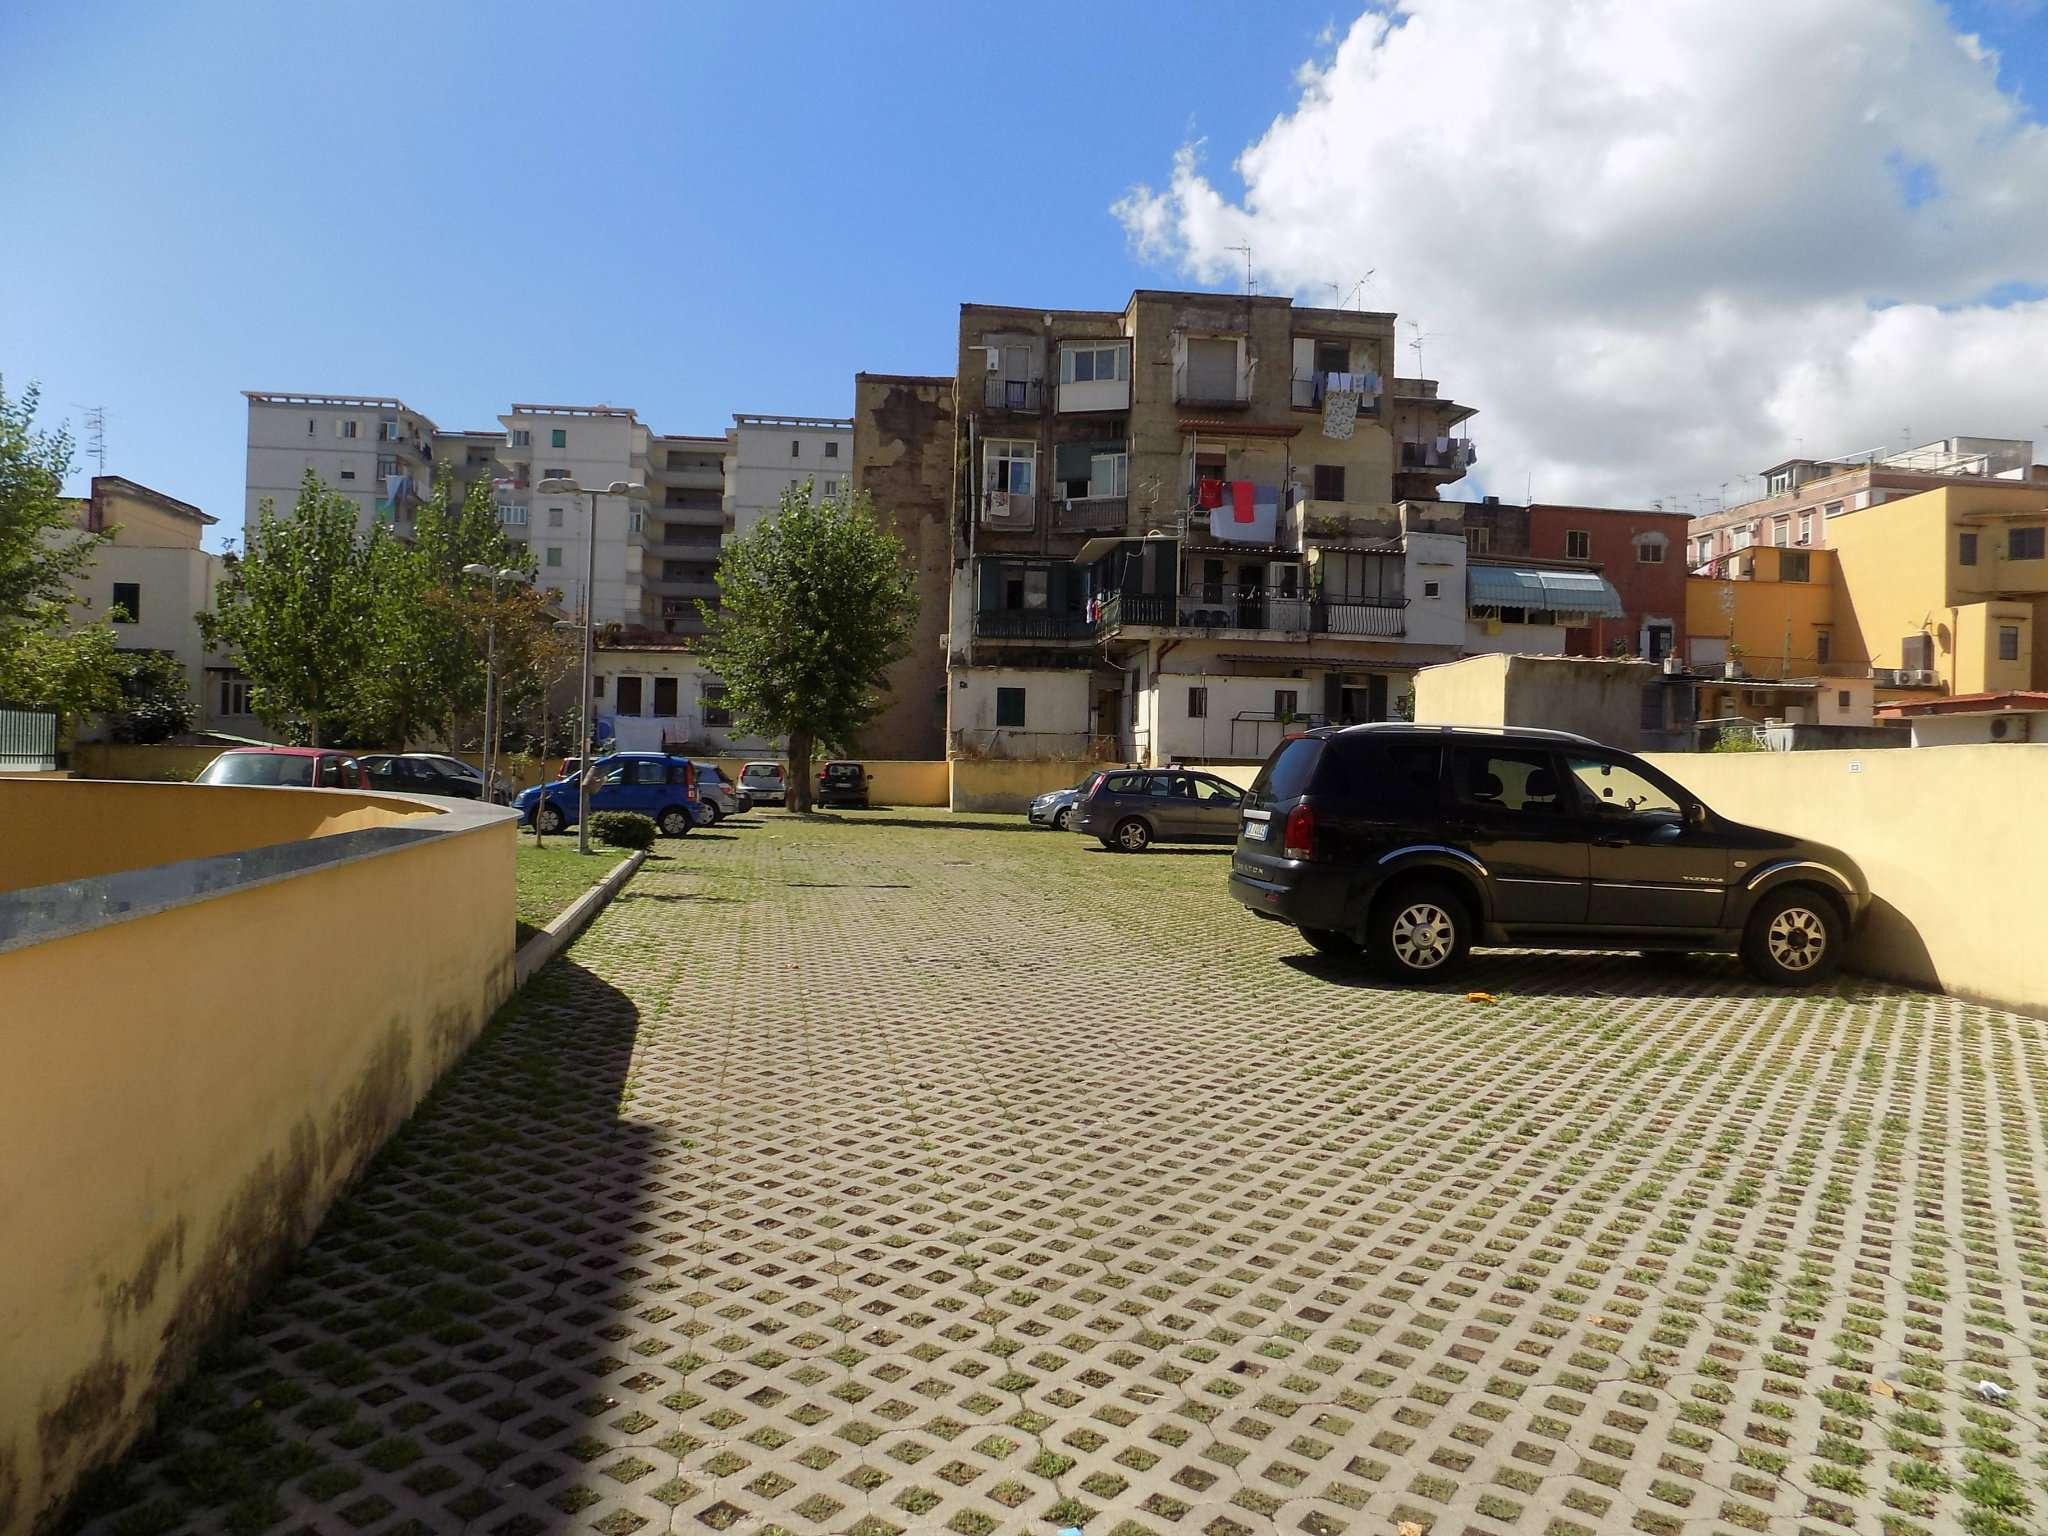 Bilocale Napoli Viale Due Giugno 6